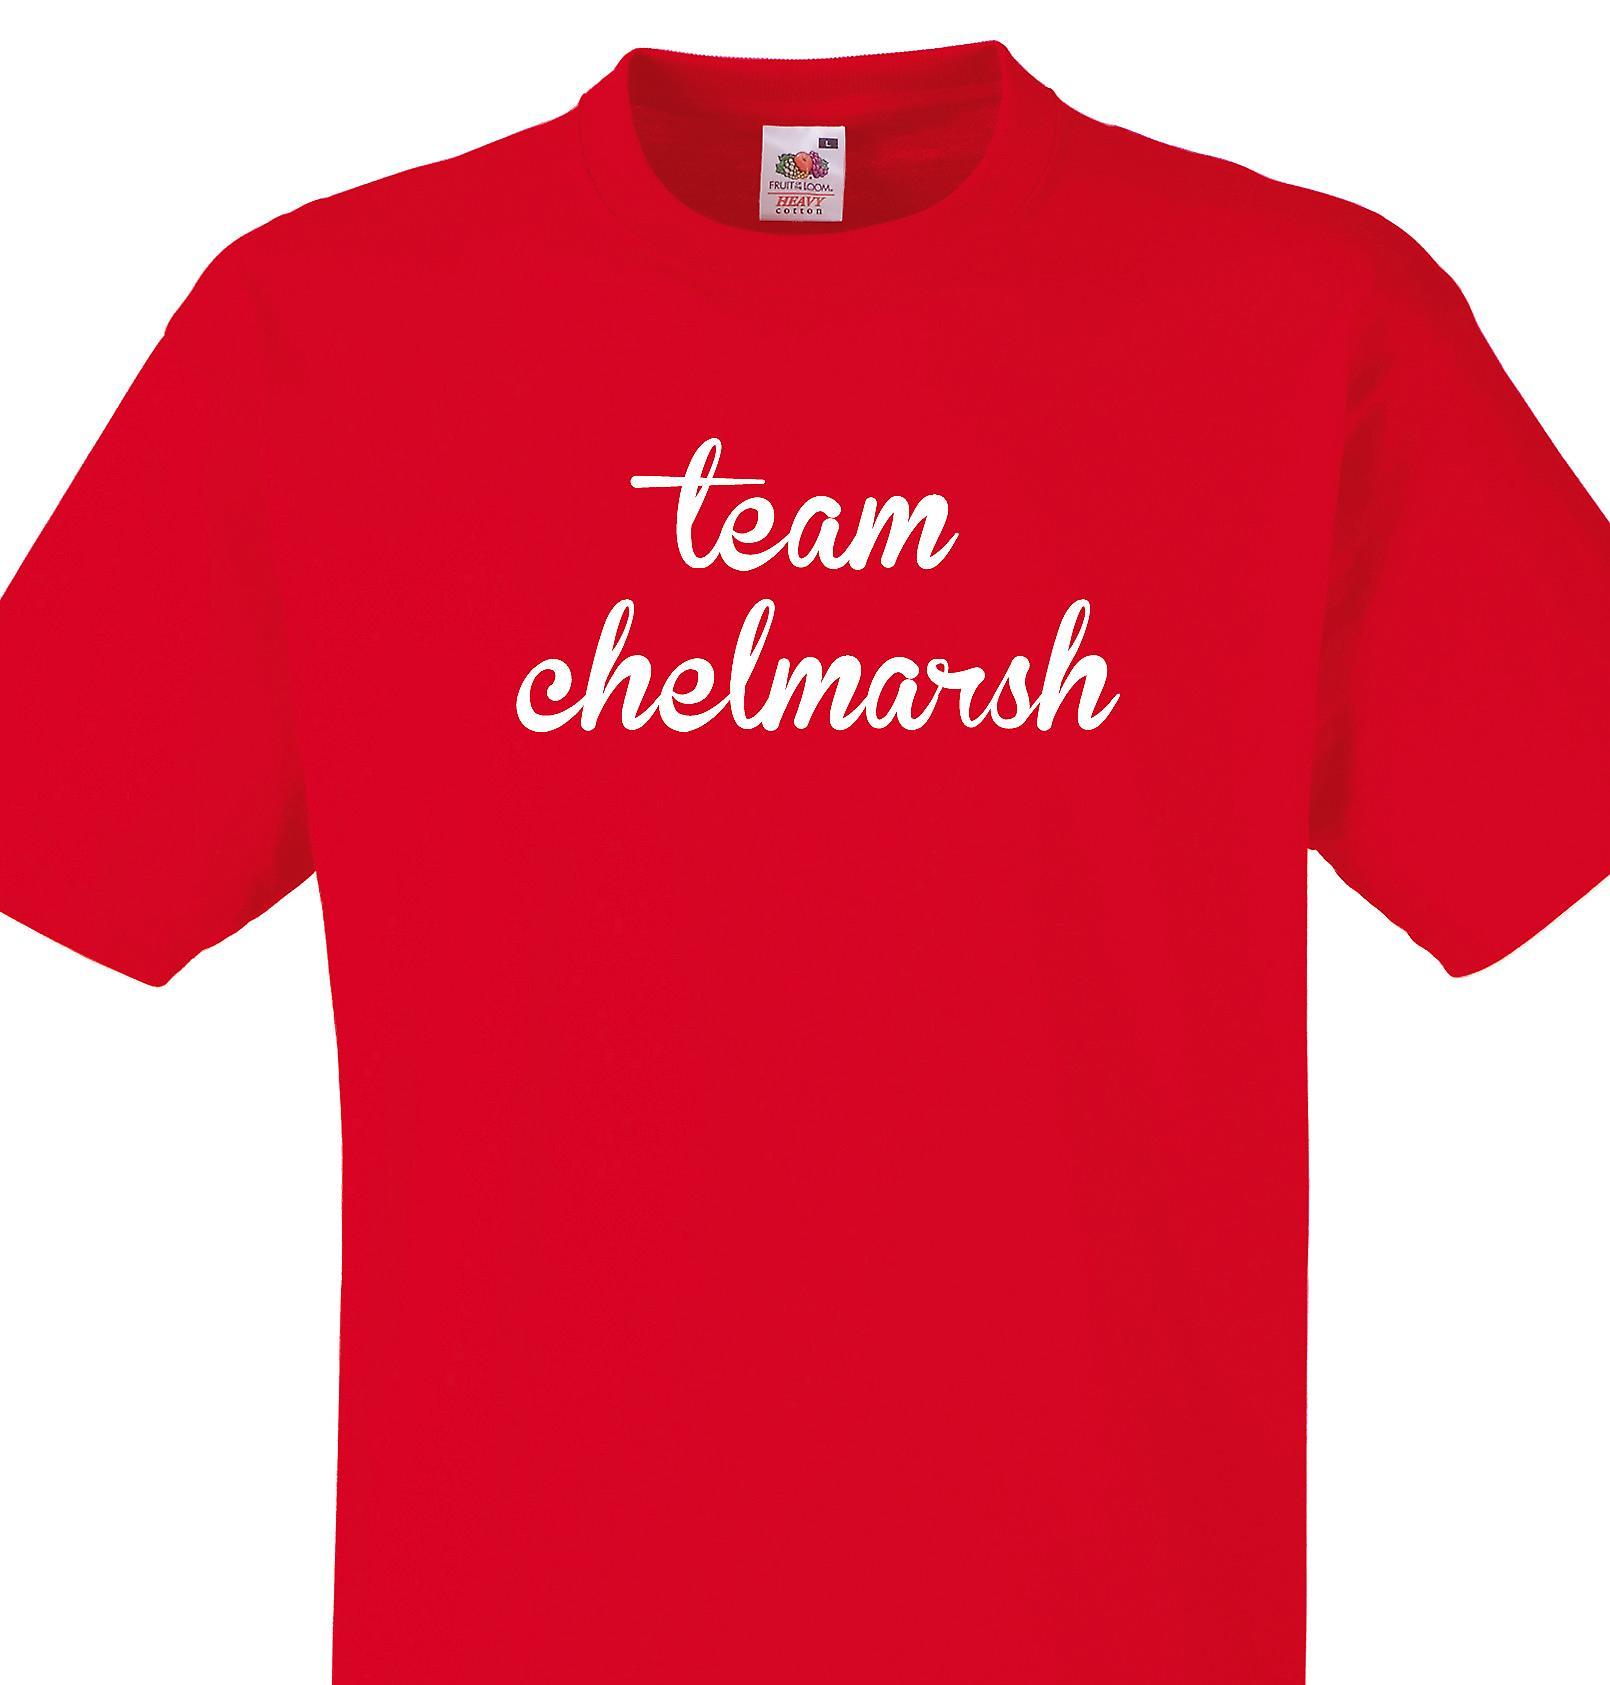 Team Chelmarsh Red T shirt